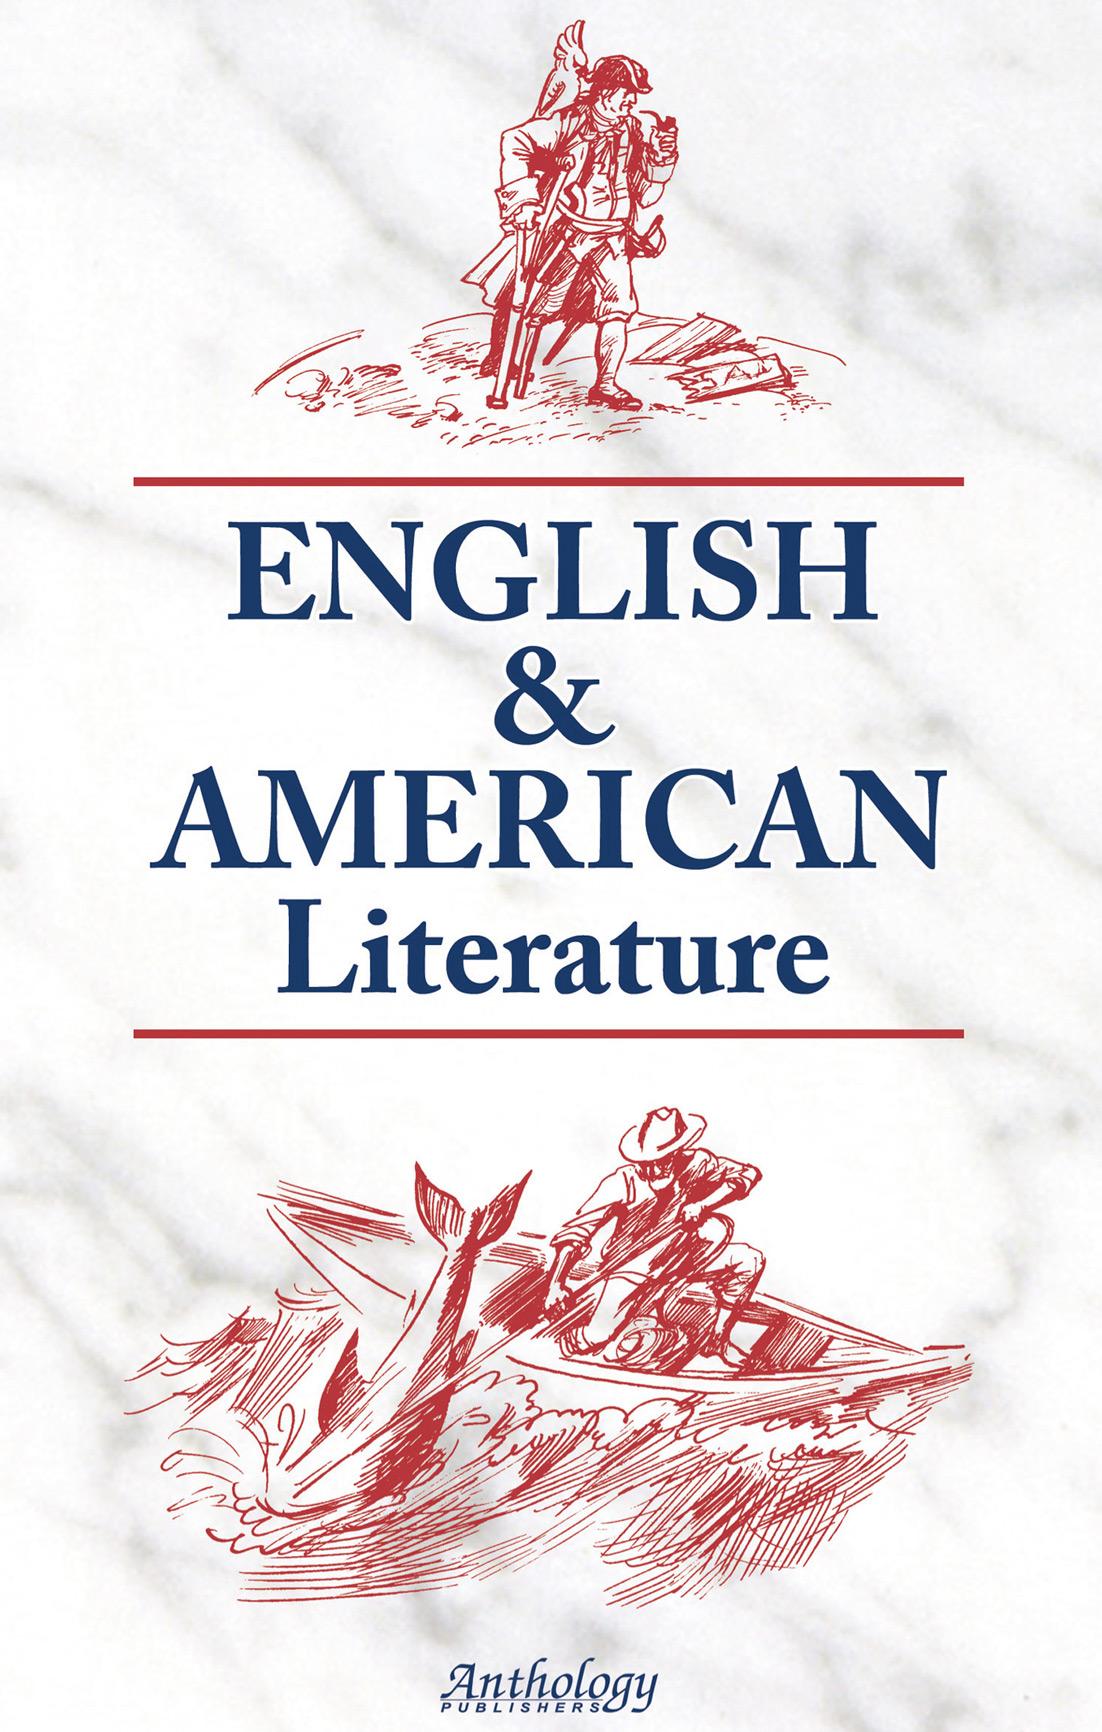 виагра популярные книги английских писателей отдел департамента